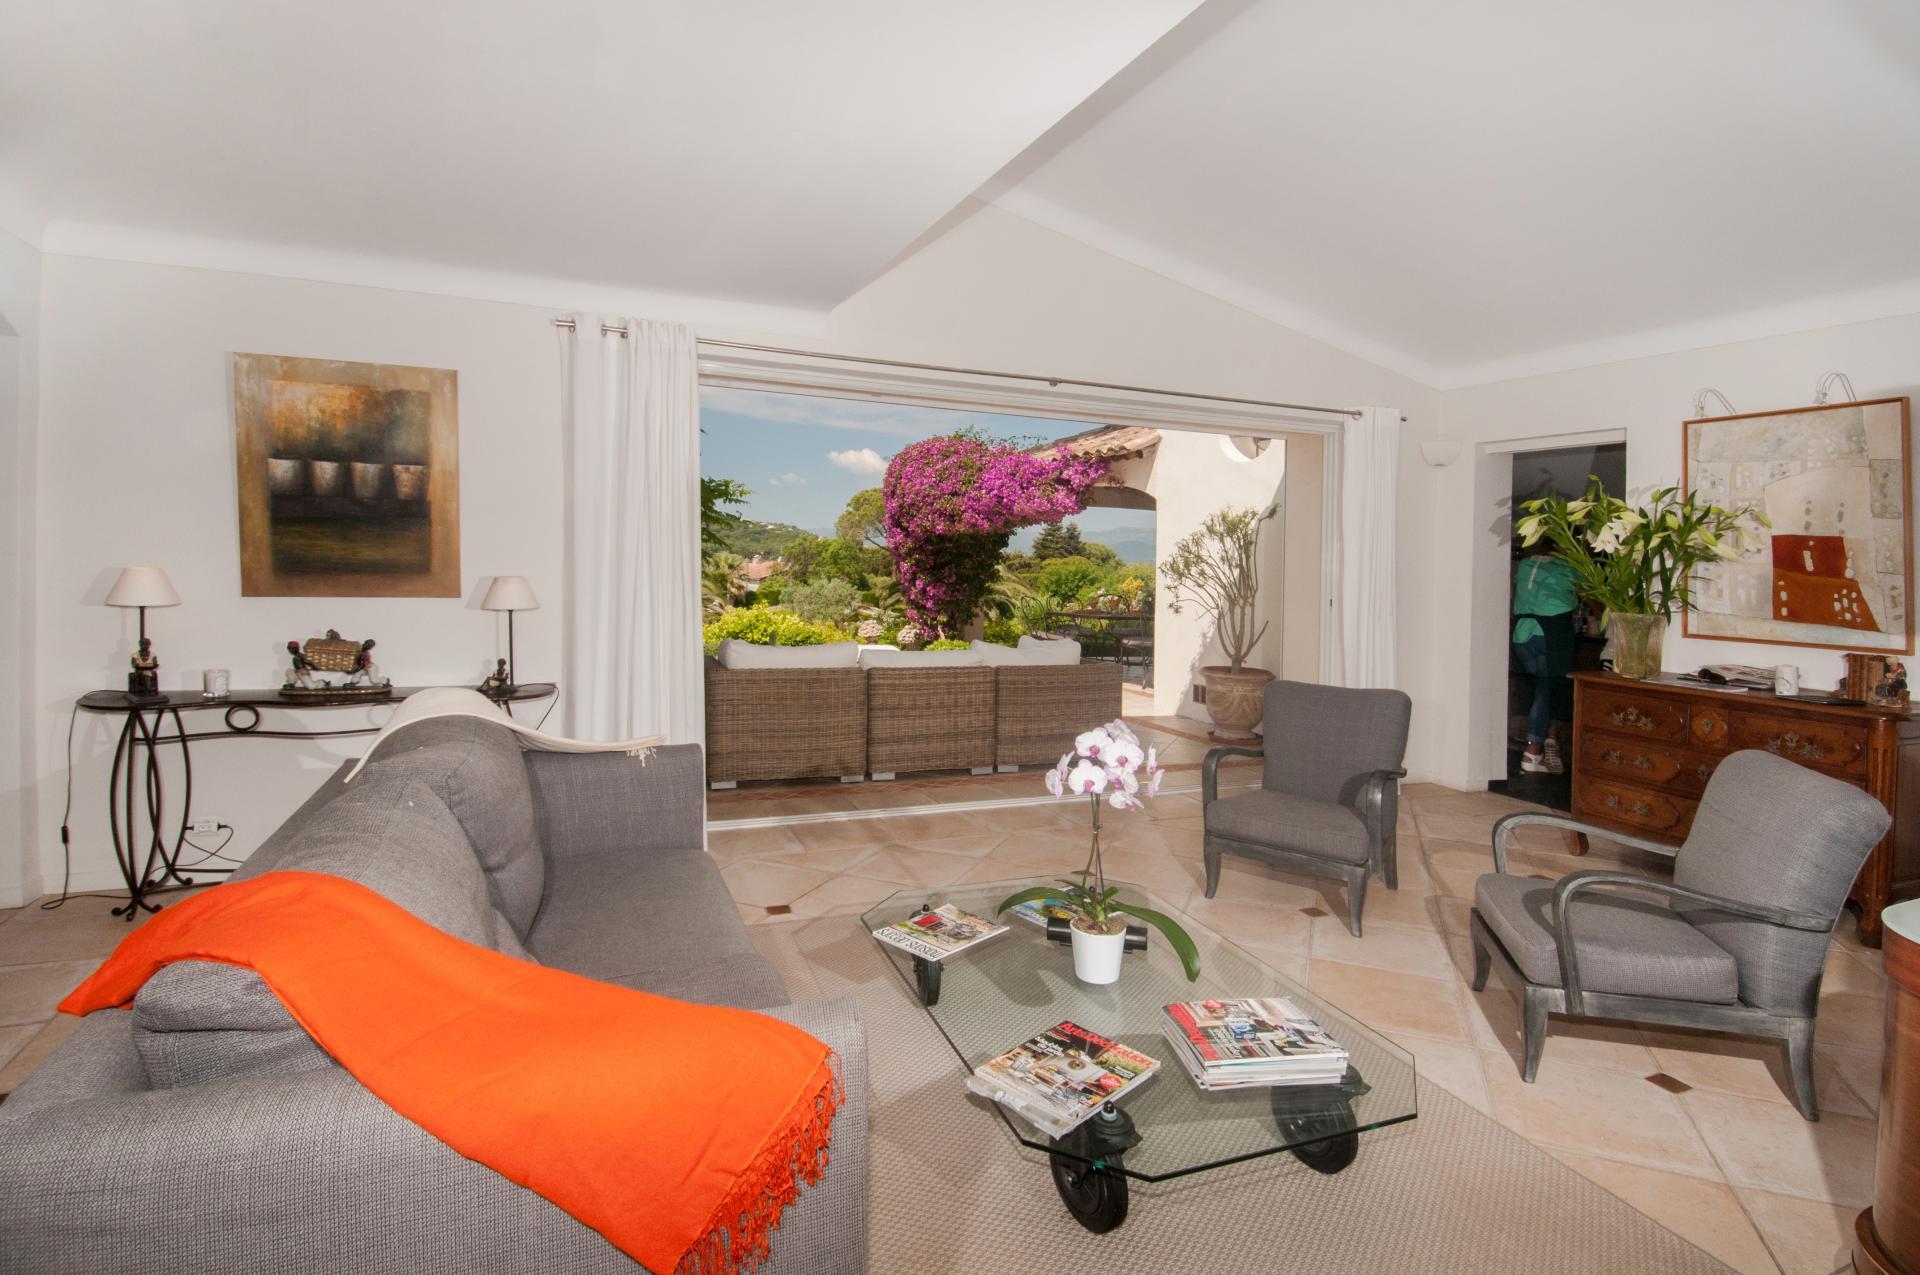 Living Room, L'Emeraude, St Tropez, St Tropez Var.